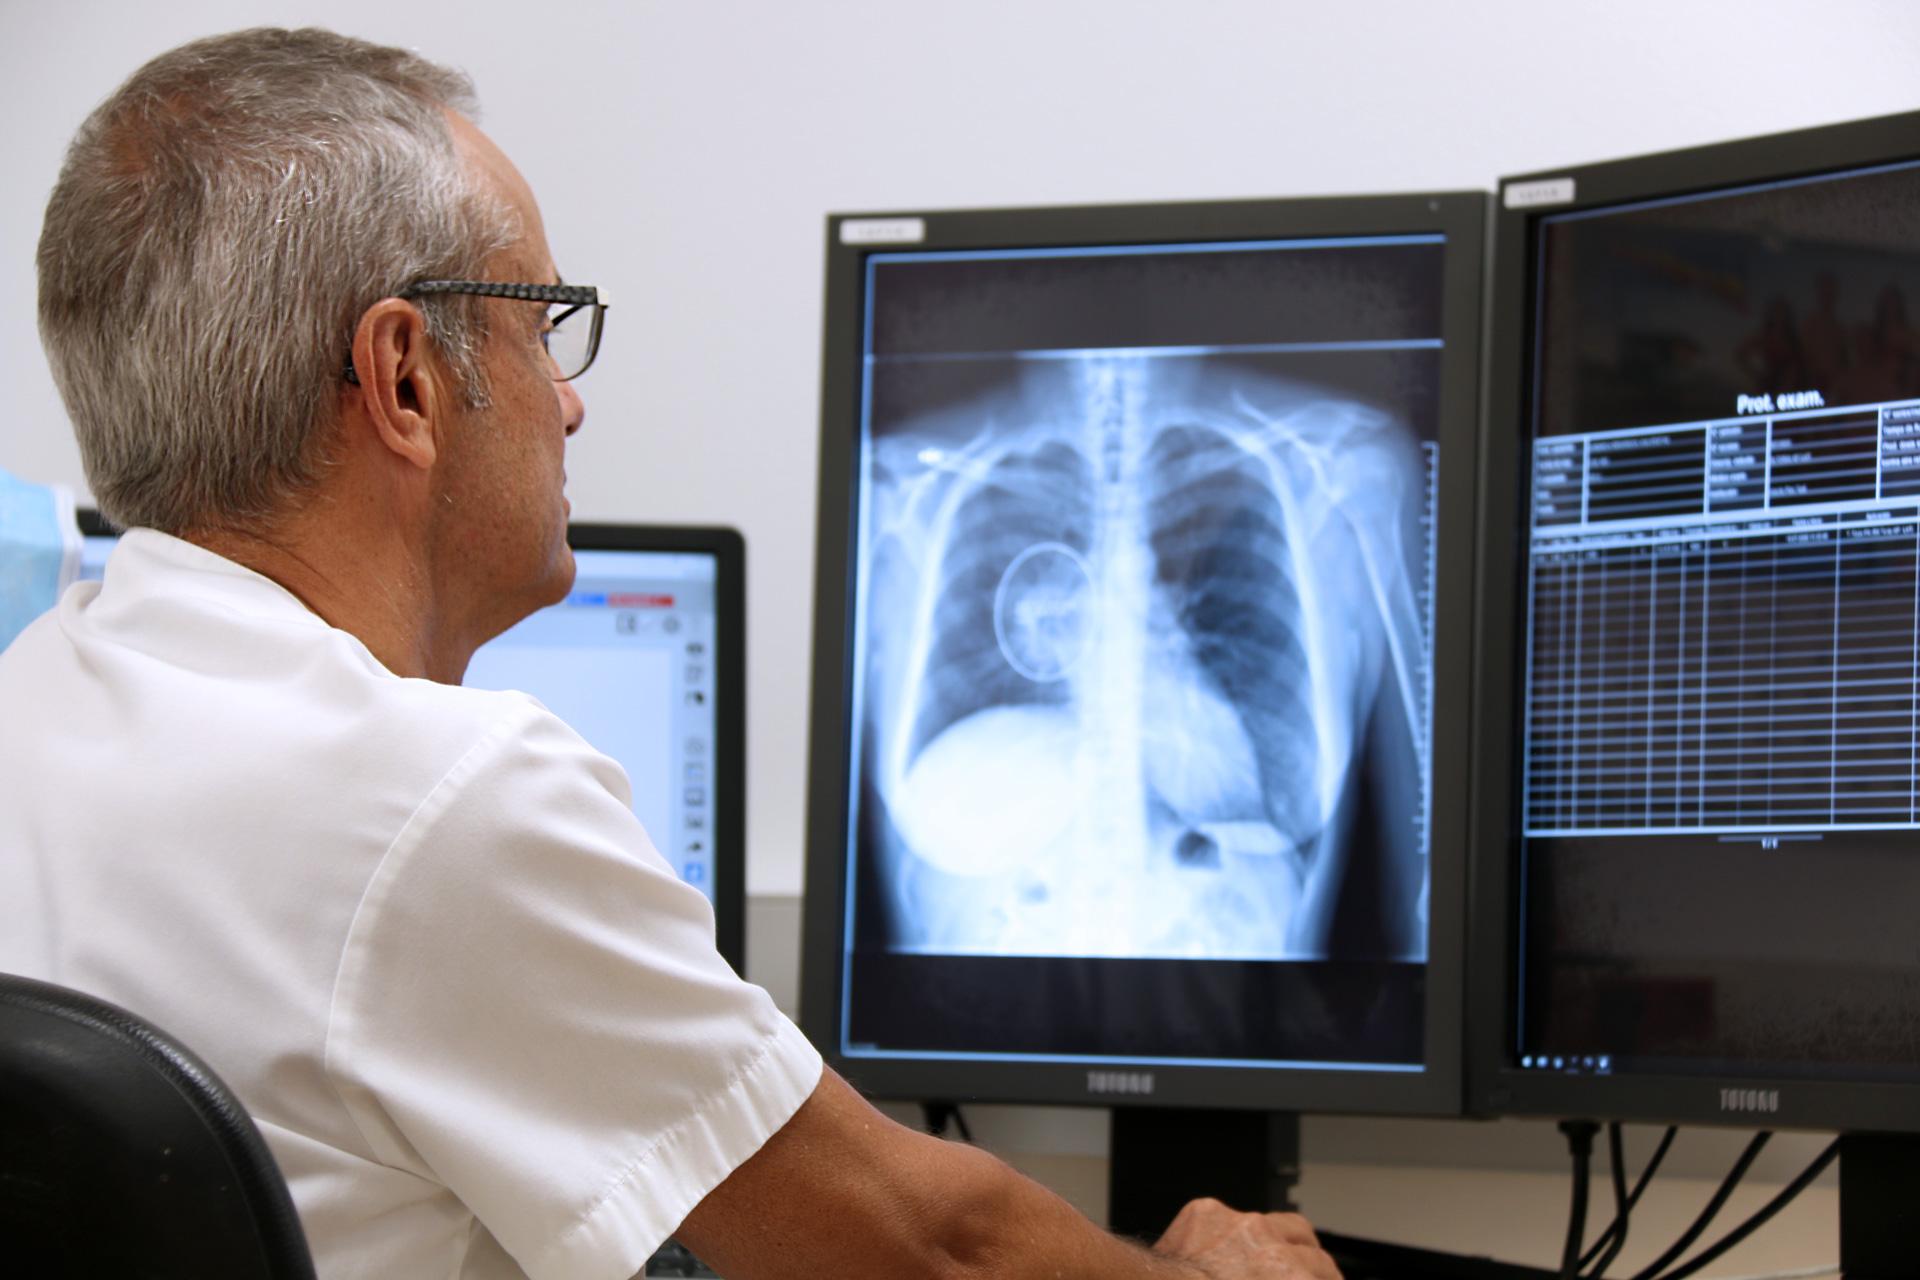 Comença una prova pilot per identificar nòduls indicadors de possibles càncers pulmonars en radiografies mitjançant tecnologia Deep Learning